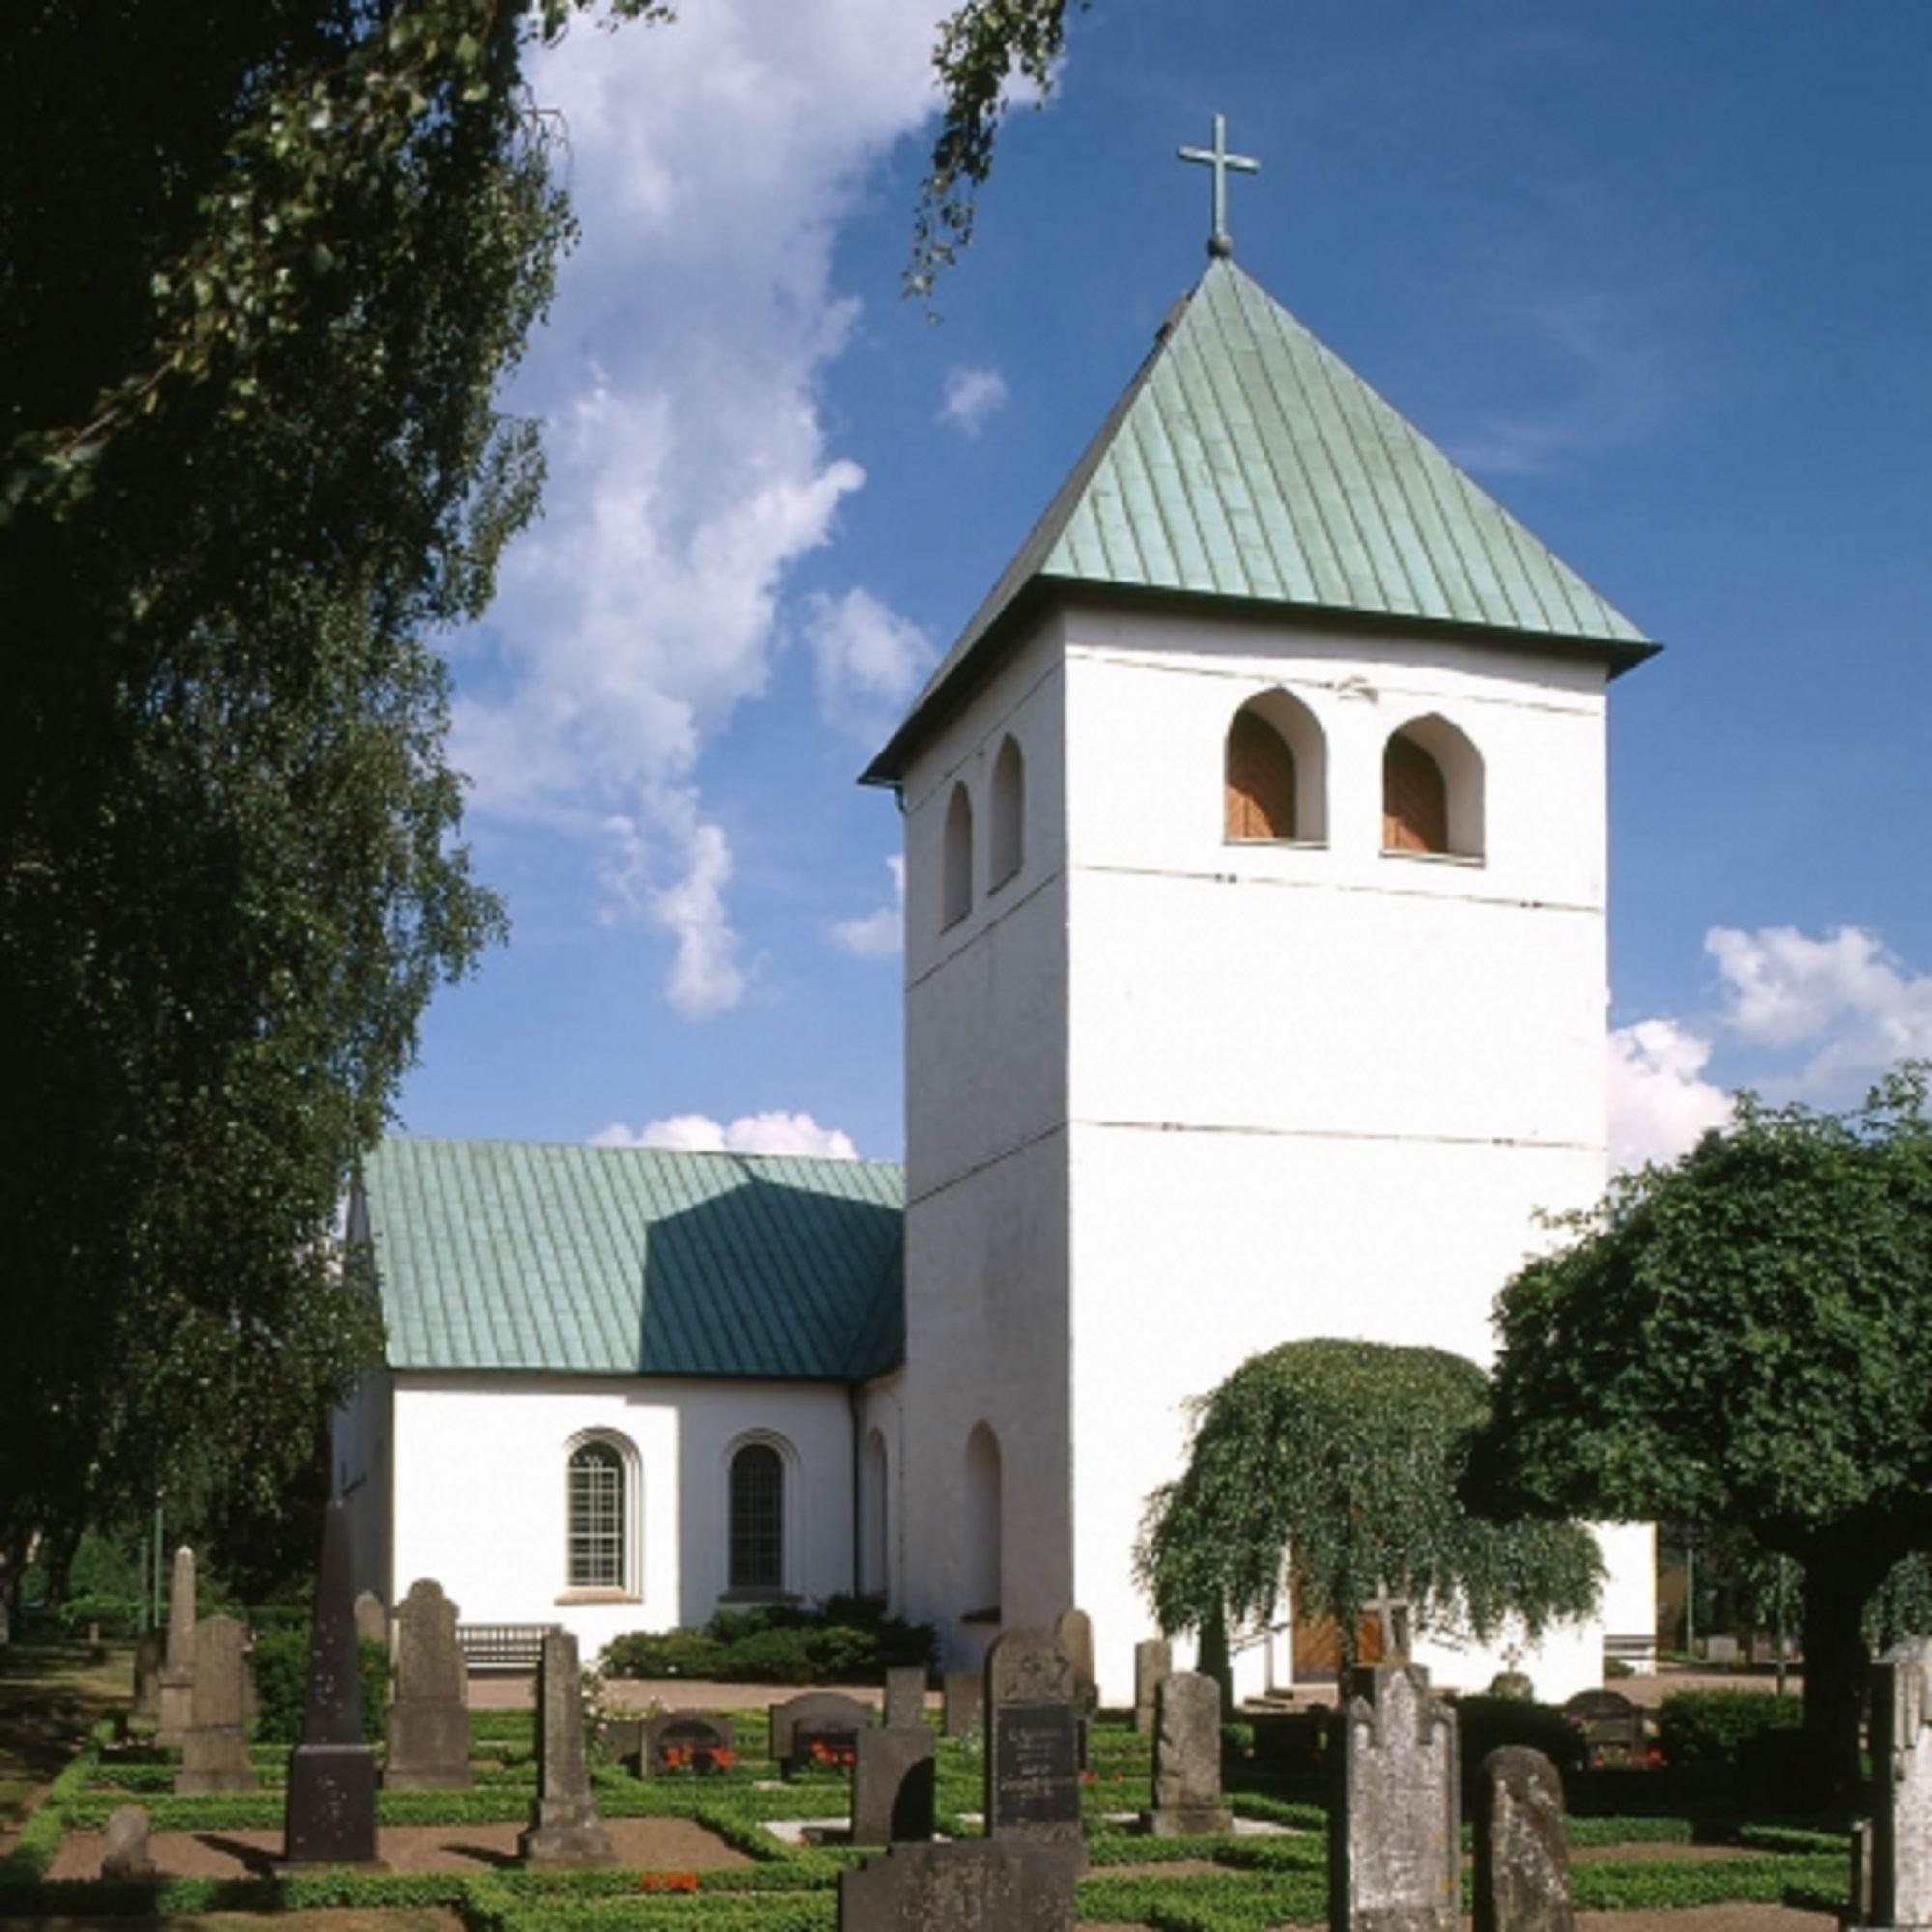 Munka Ljungby Kirche